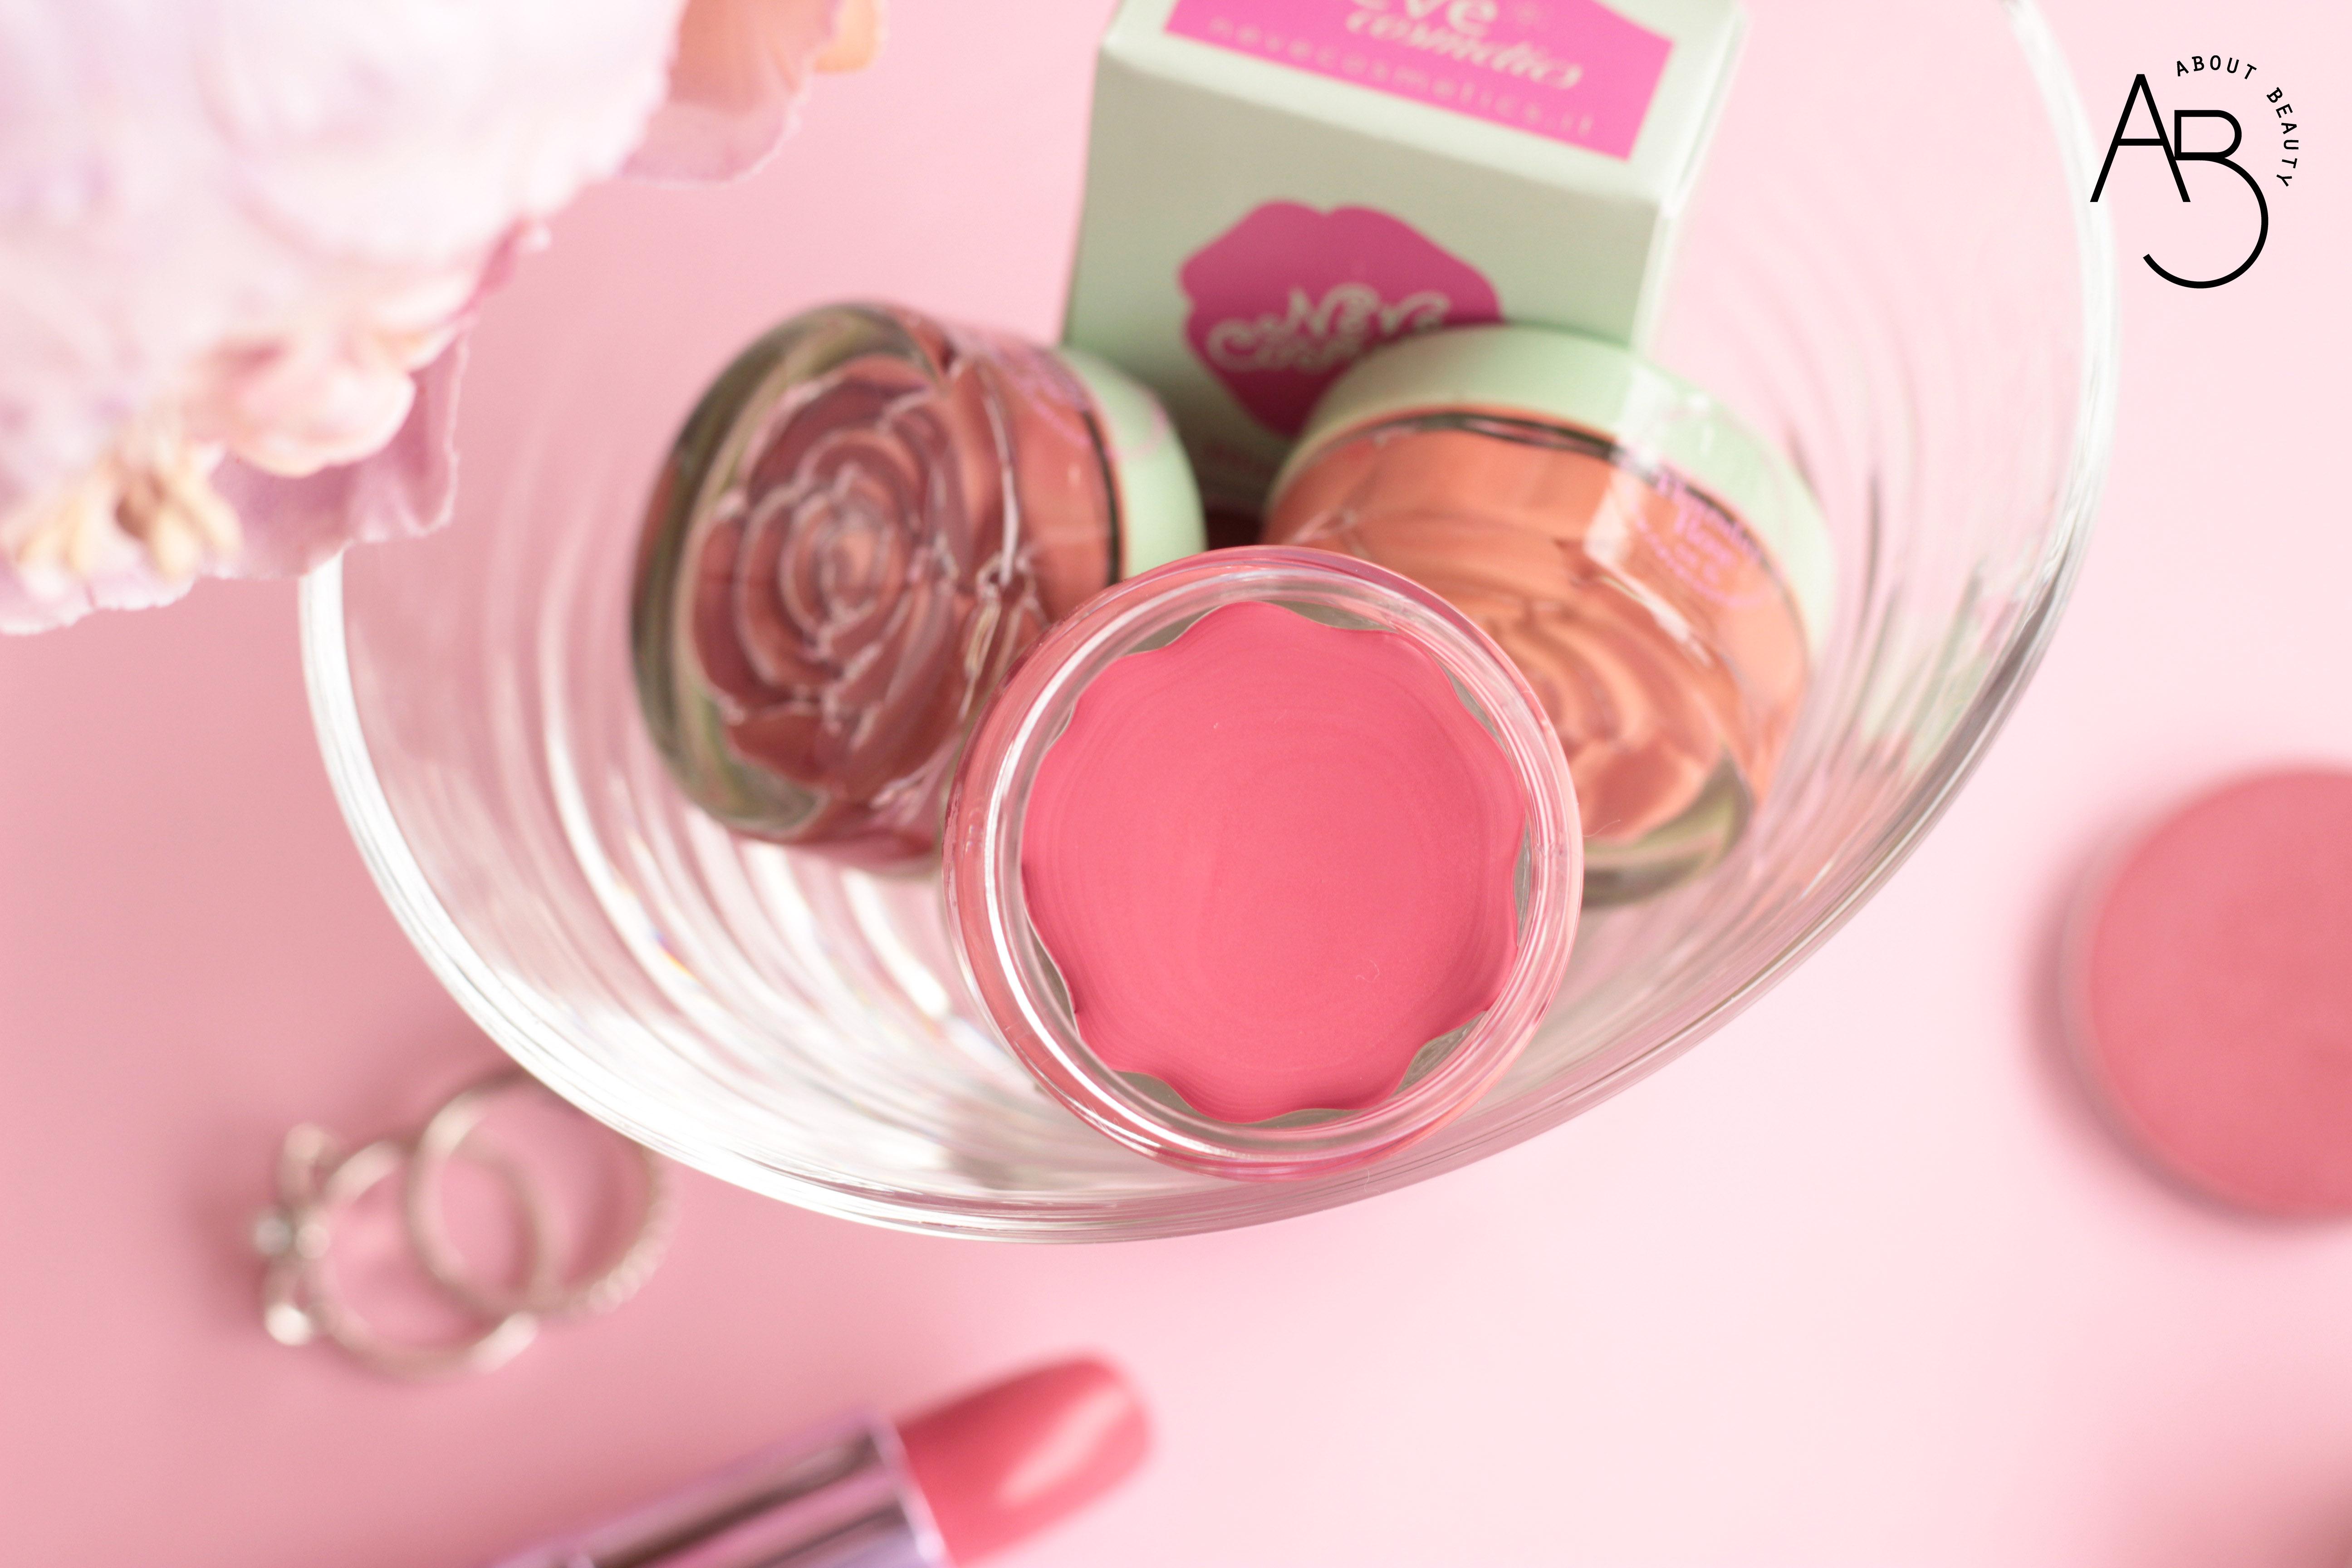 Blush Garden Neve Cosmetics: recensione, review, swatch, opinioni, sconto, dove acquistare, prezzo - Sunday Rose